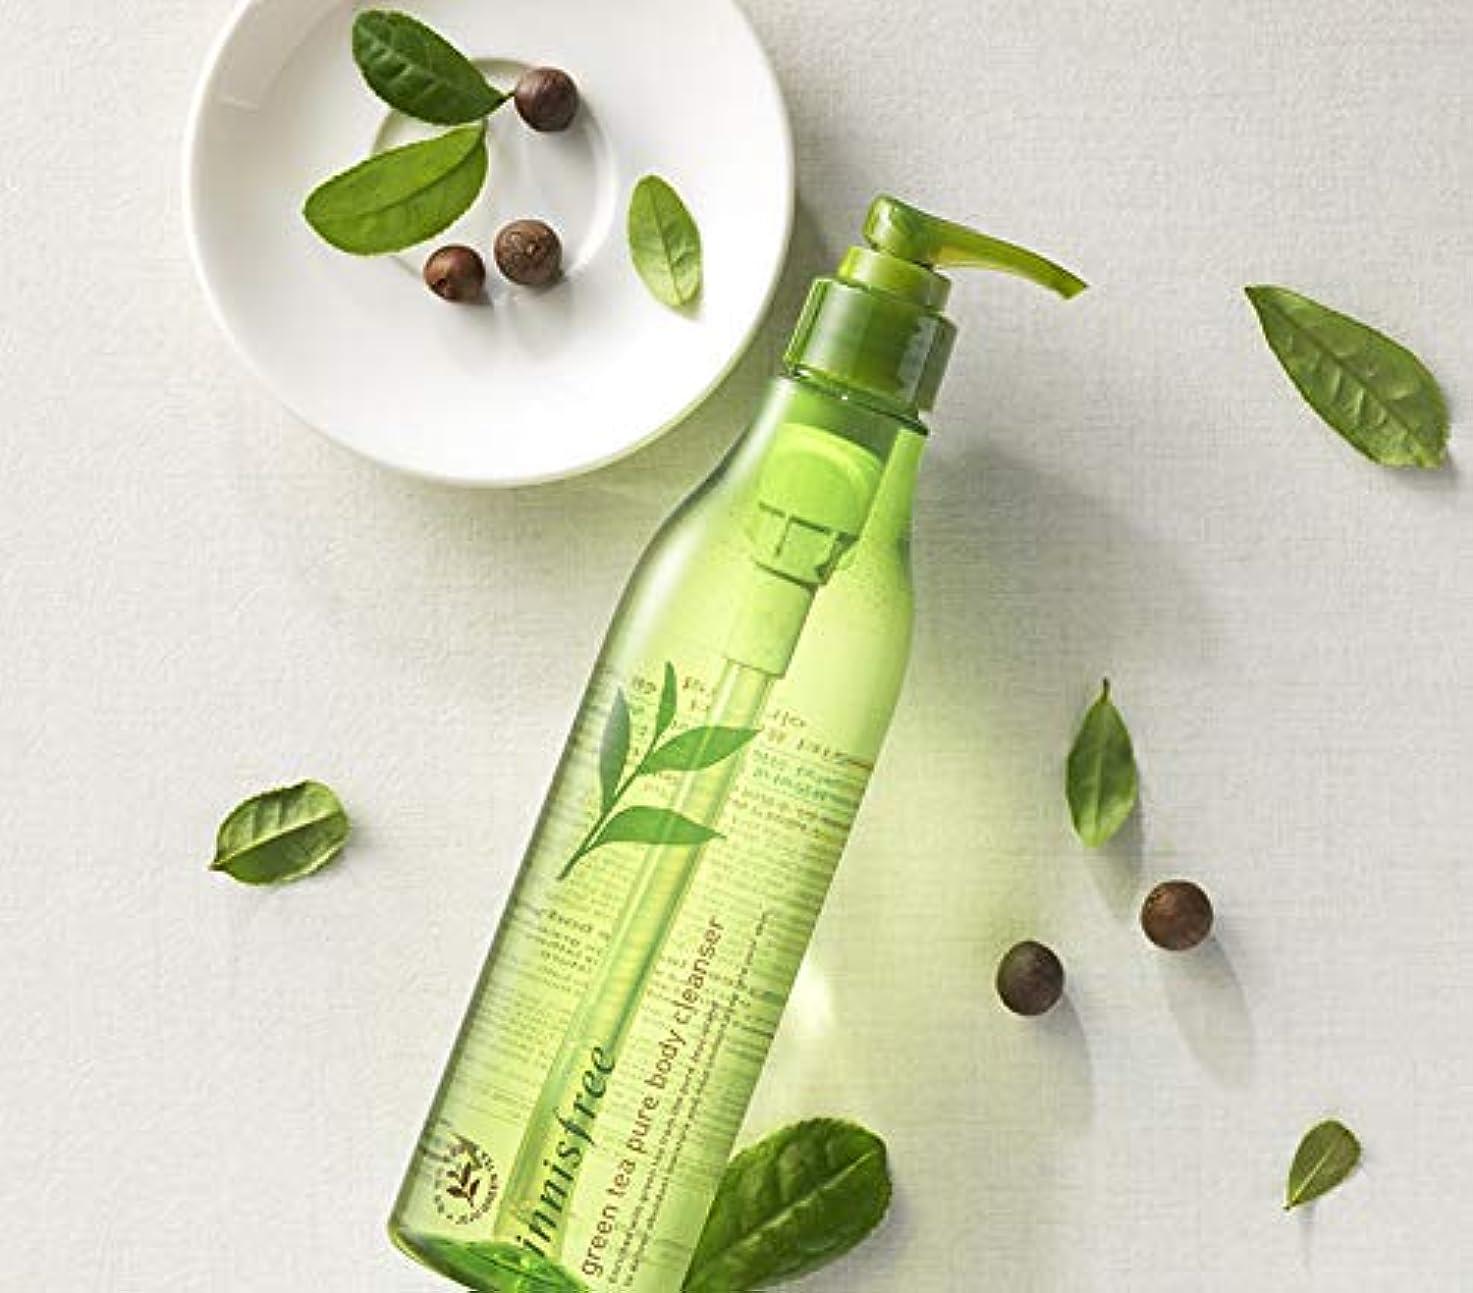 化学証拠ウイルス[イニスフリー.innisfree]グリーンティーピュアボディクレンザー300mL/ Green Tea Pure Body Cleanser